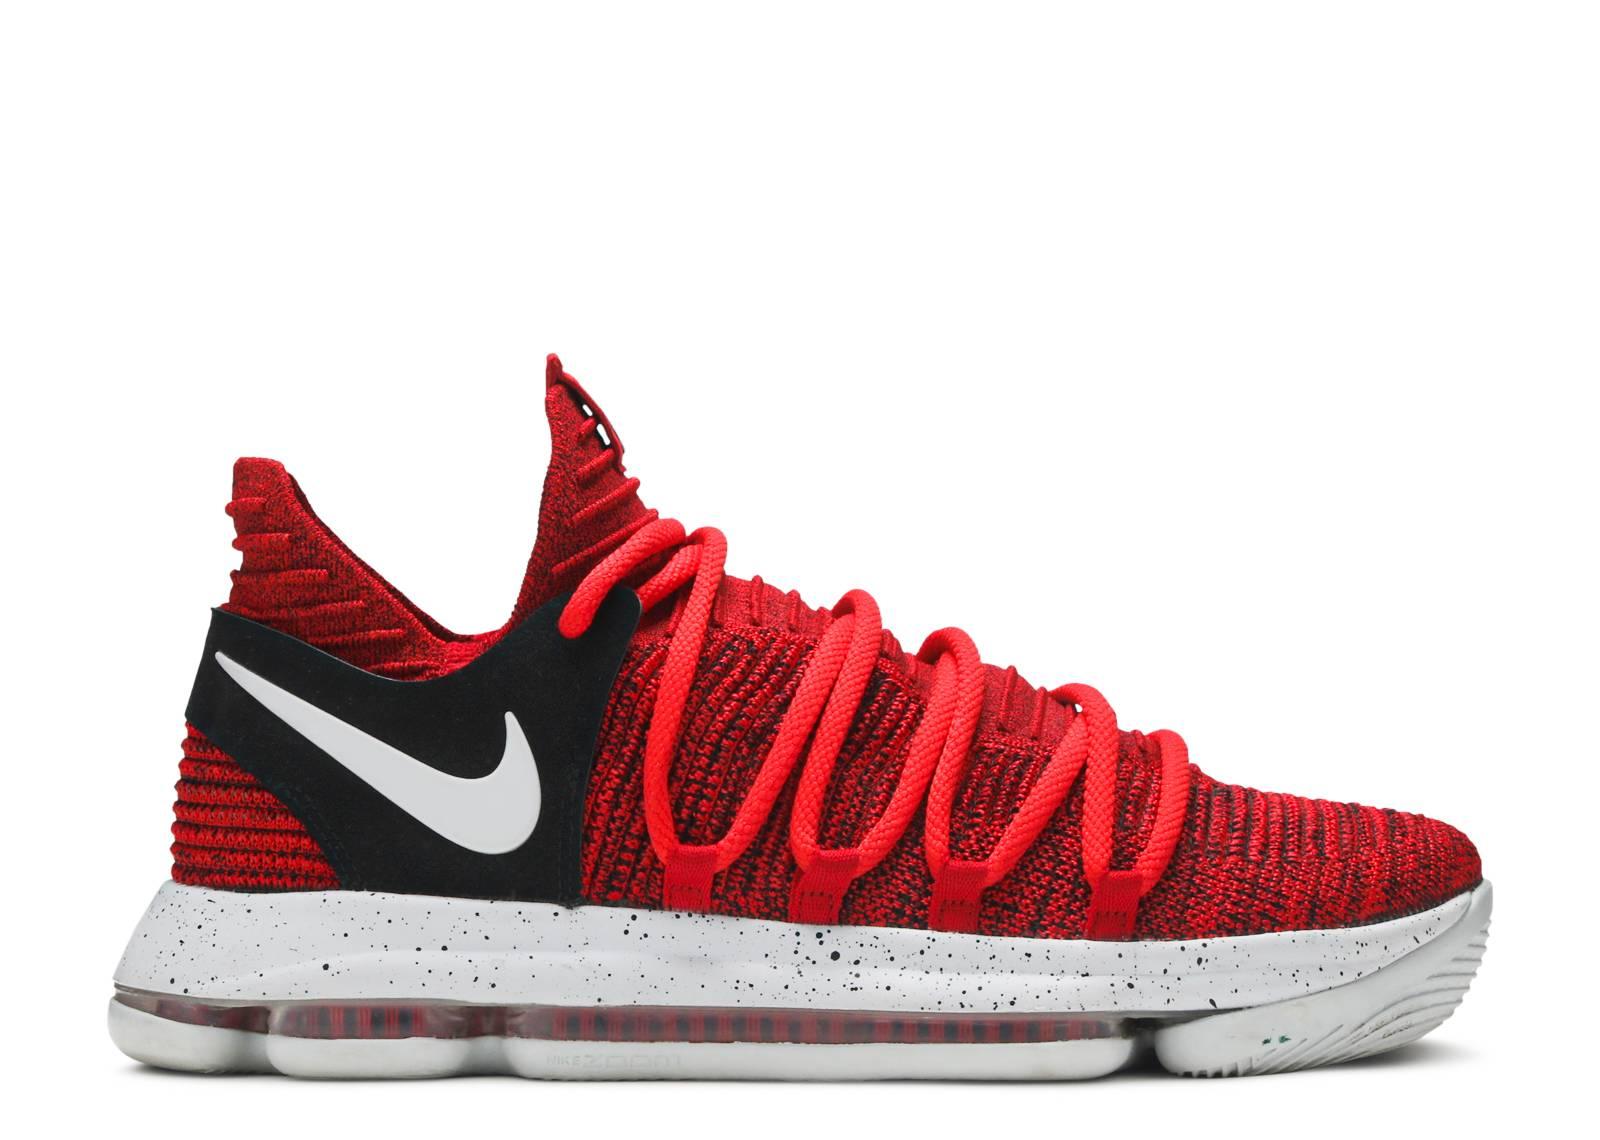 0af20a1c67f1 Nike Zoom Kd10